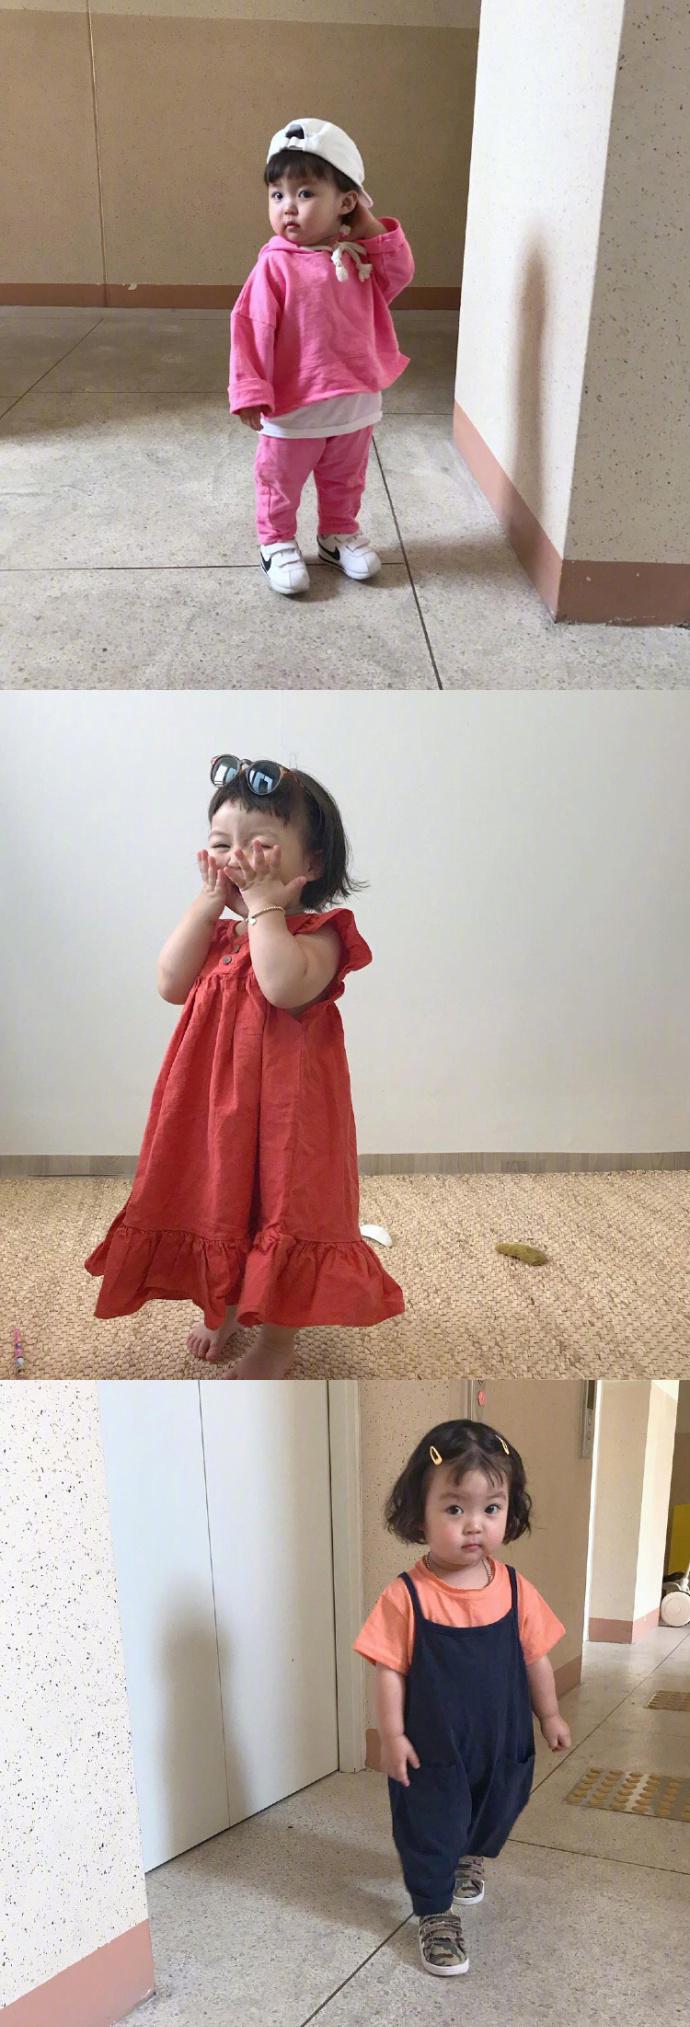 好想养一个如此可爱的小胖妞(ins:jinmiran_)